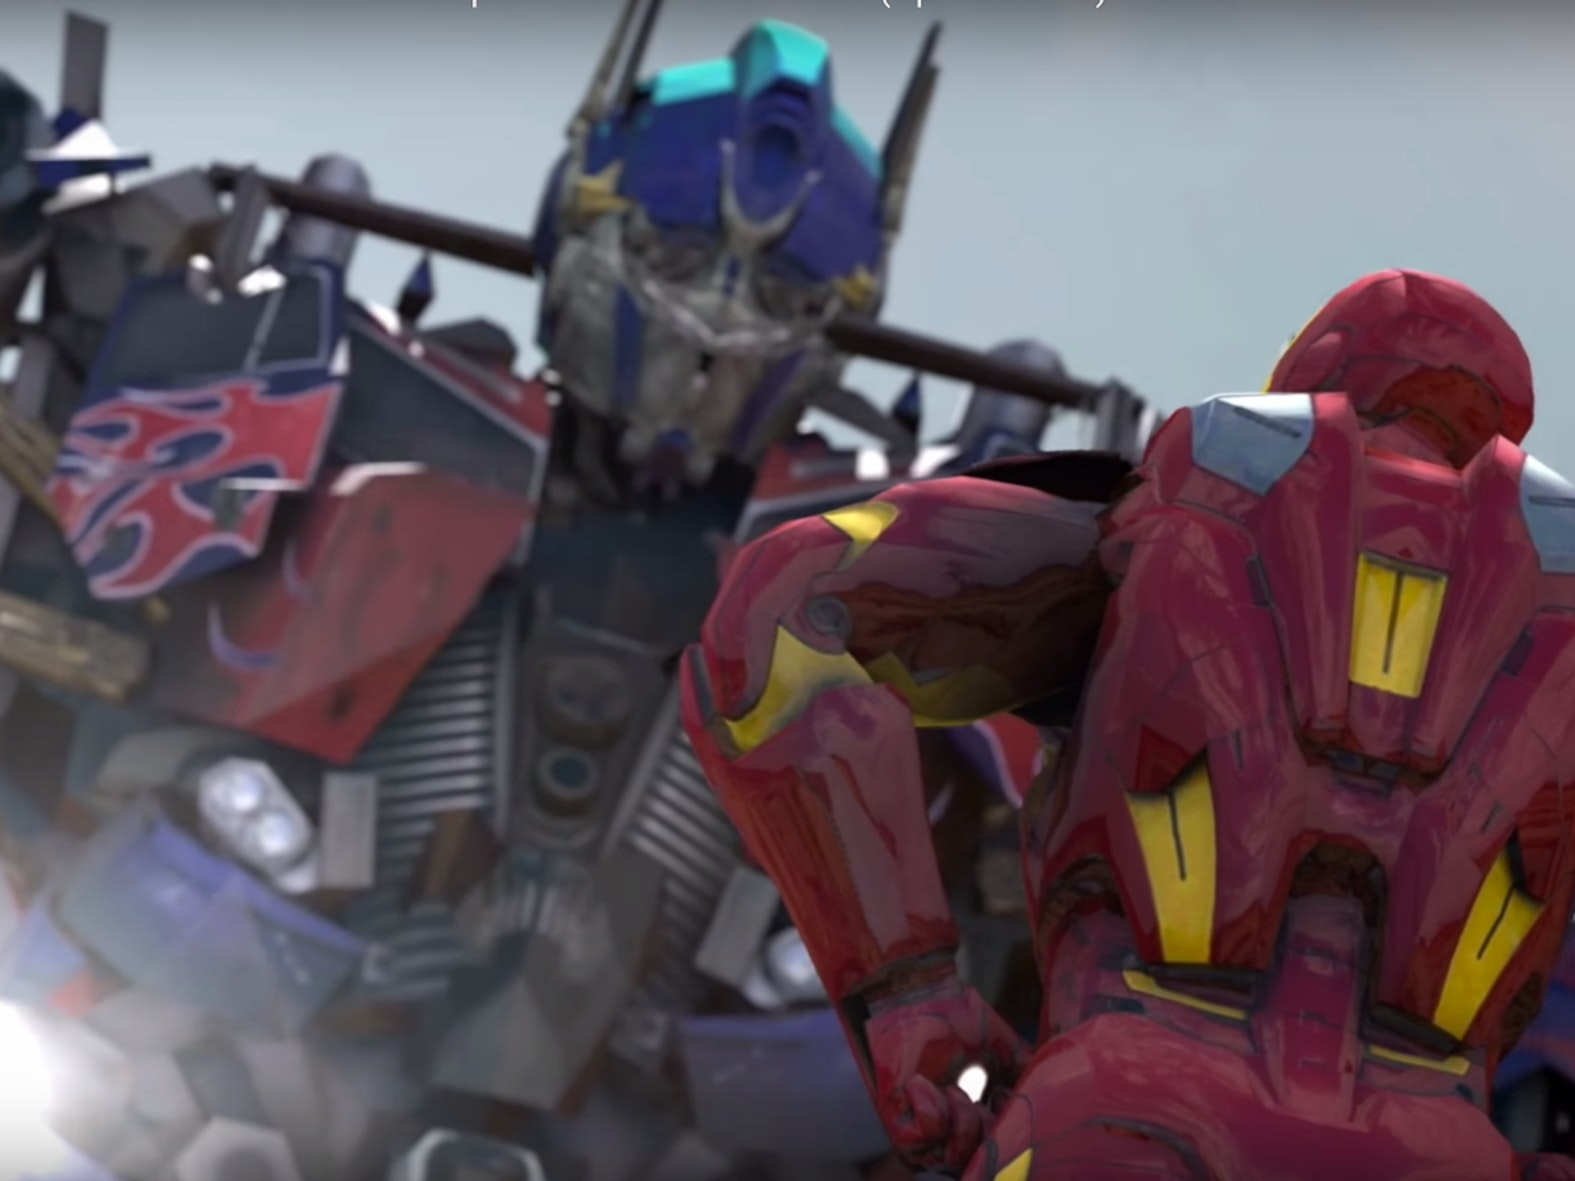 Iron Man vs Optimus Prime